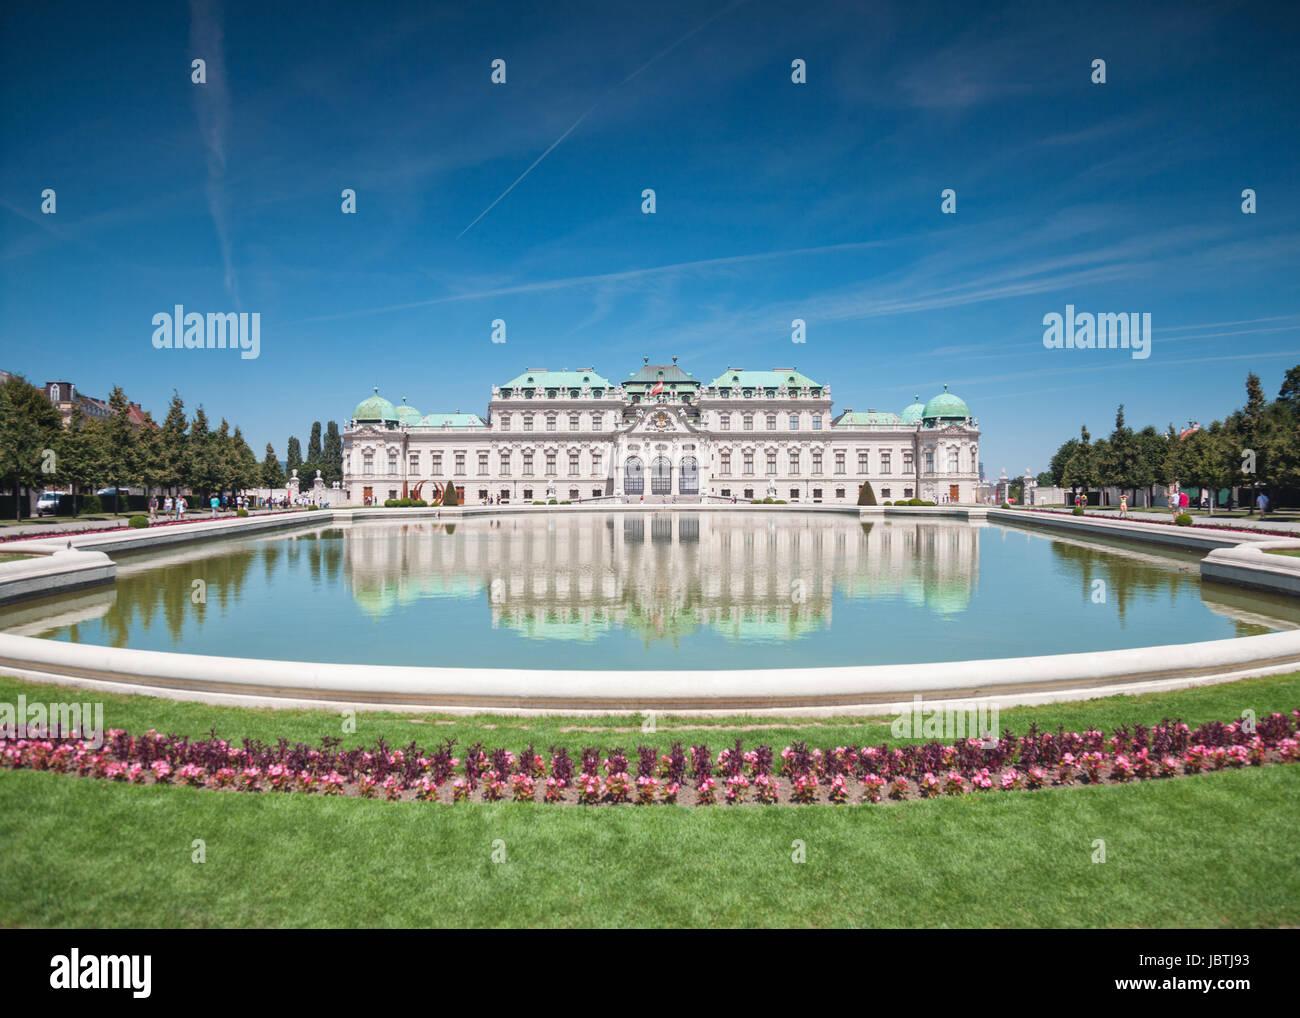 Das Schloss Belvedere in Wien, Österreich Stockfoto